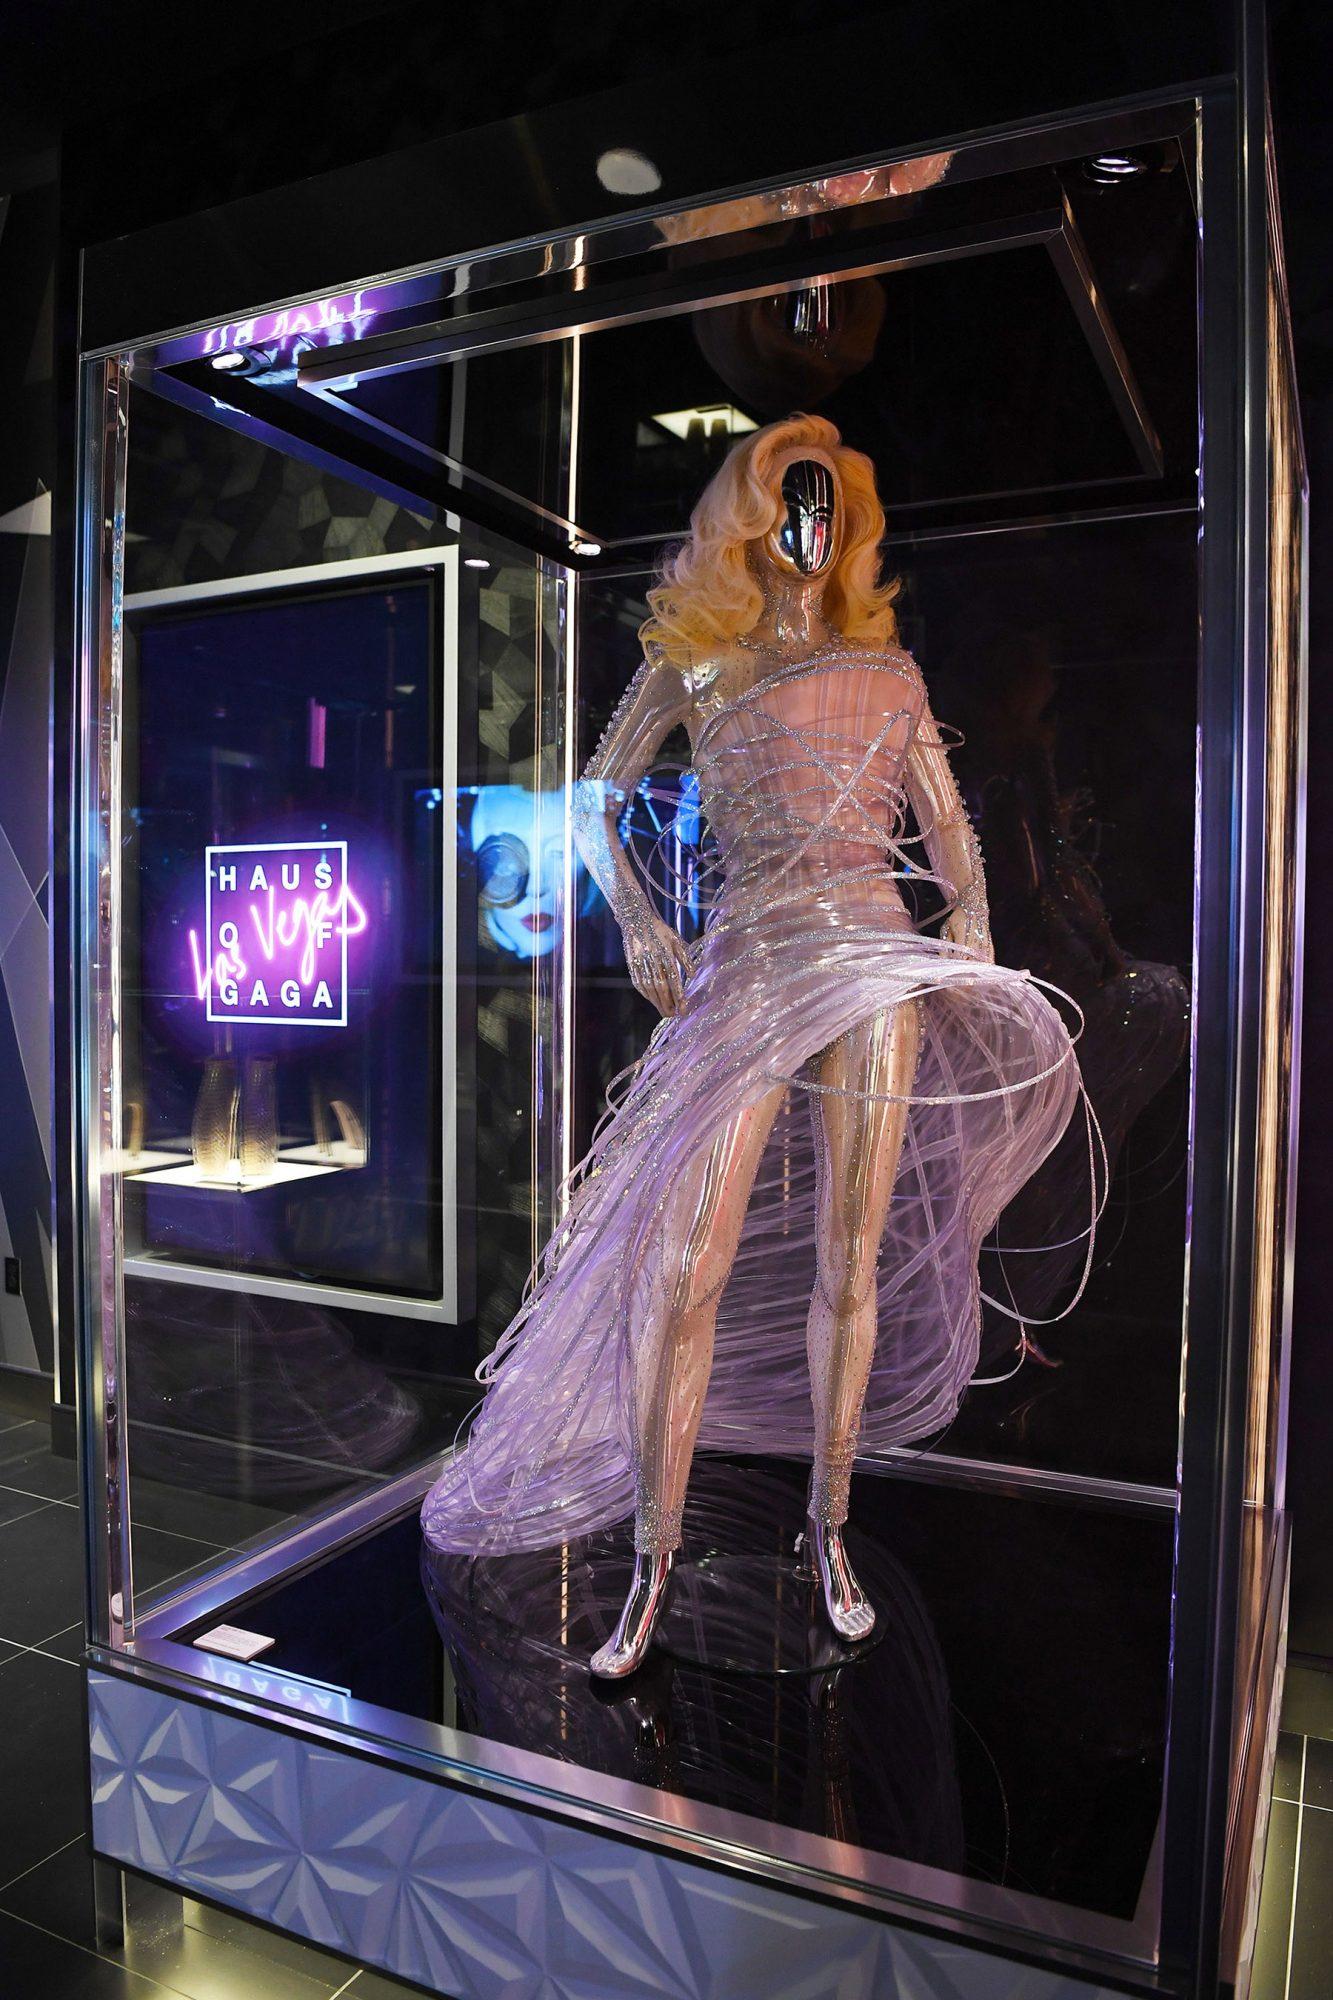 HAUS OF GAGA / LAS VEGAS Opening At Park MGM